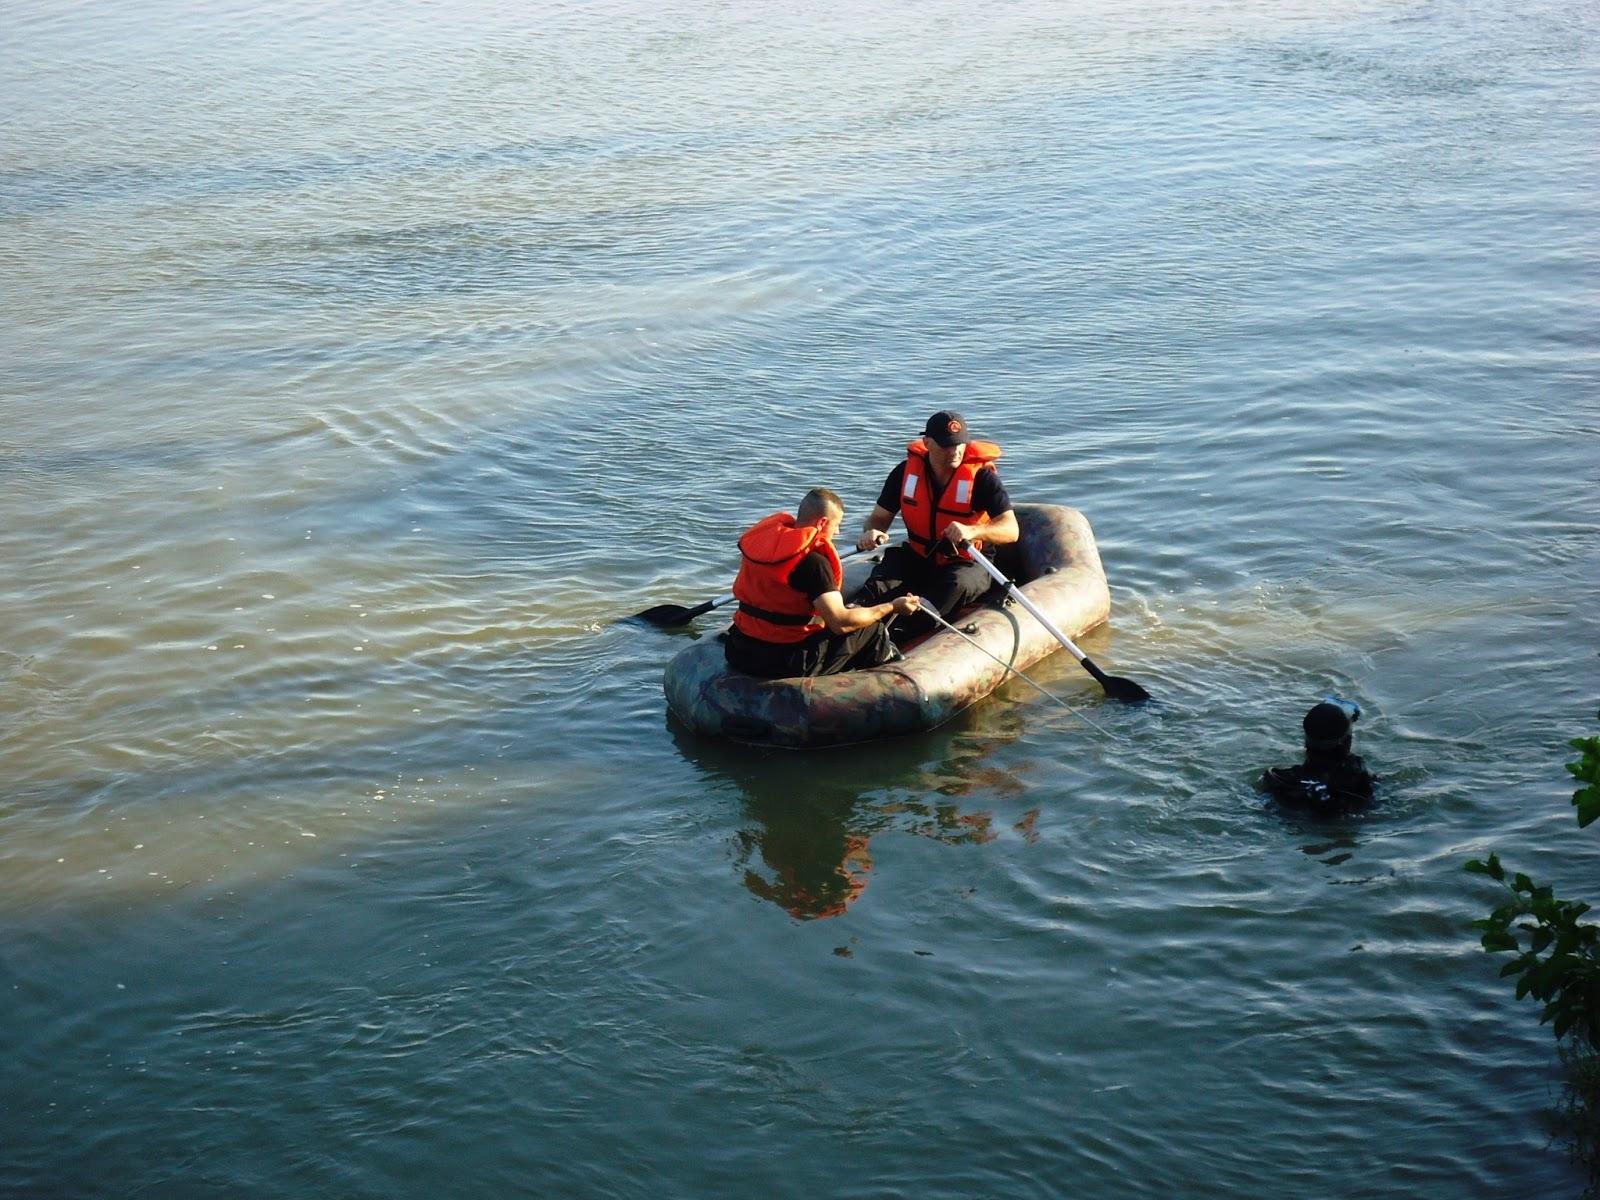 ხობში მდინარეში 16 წლის ბიჭი დაიხრჩო